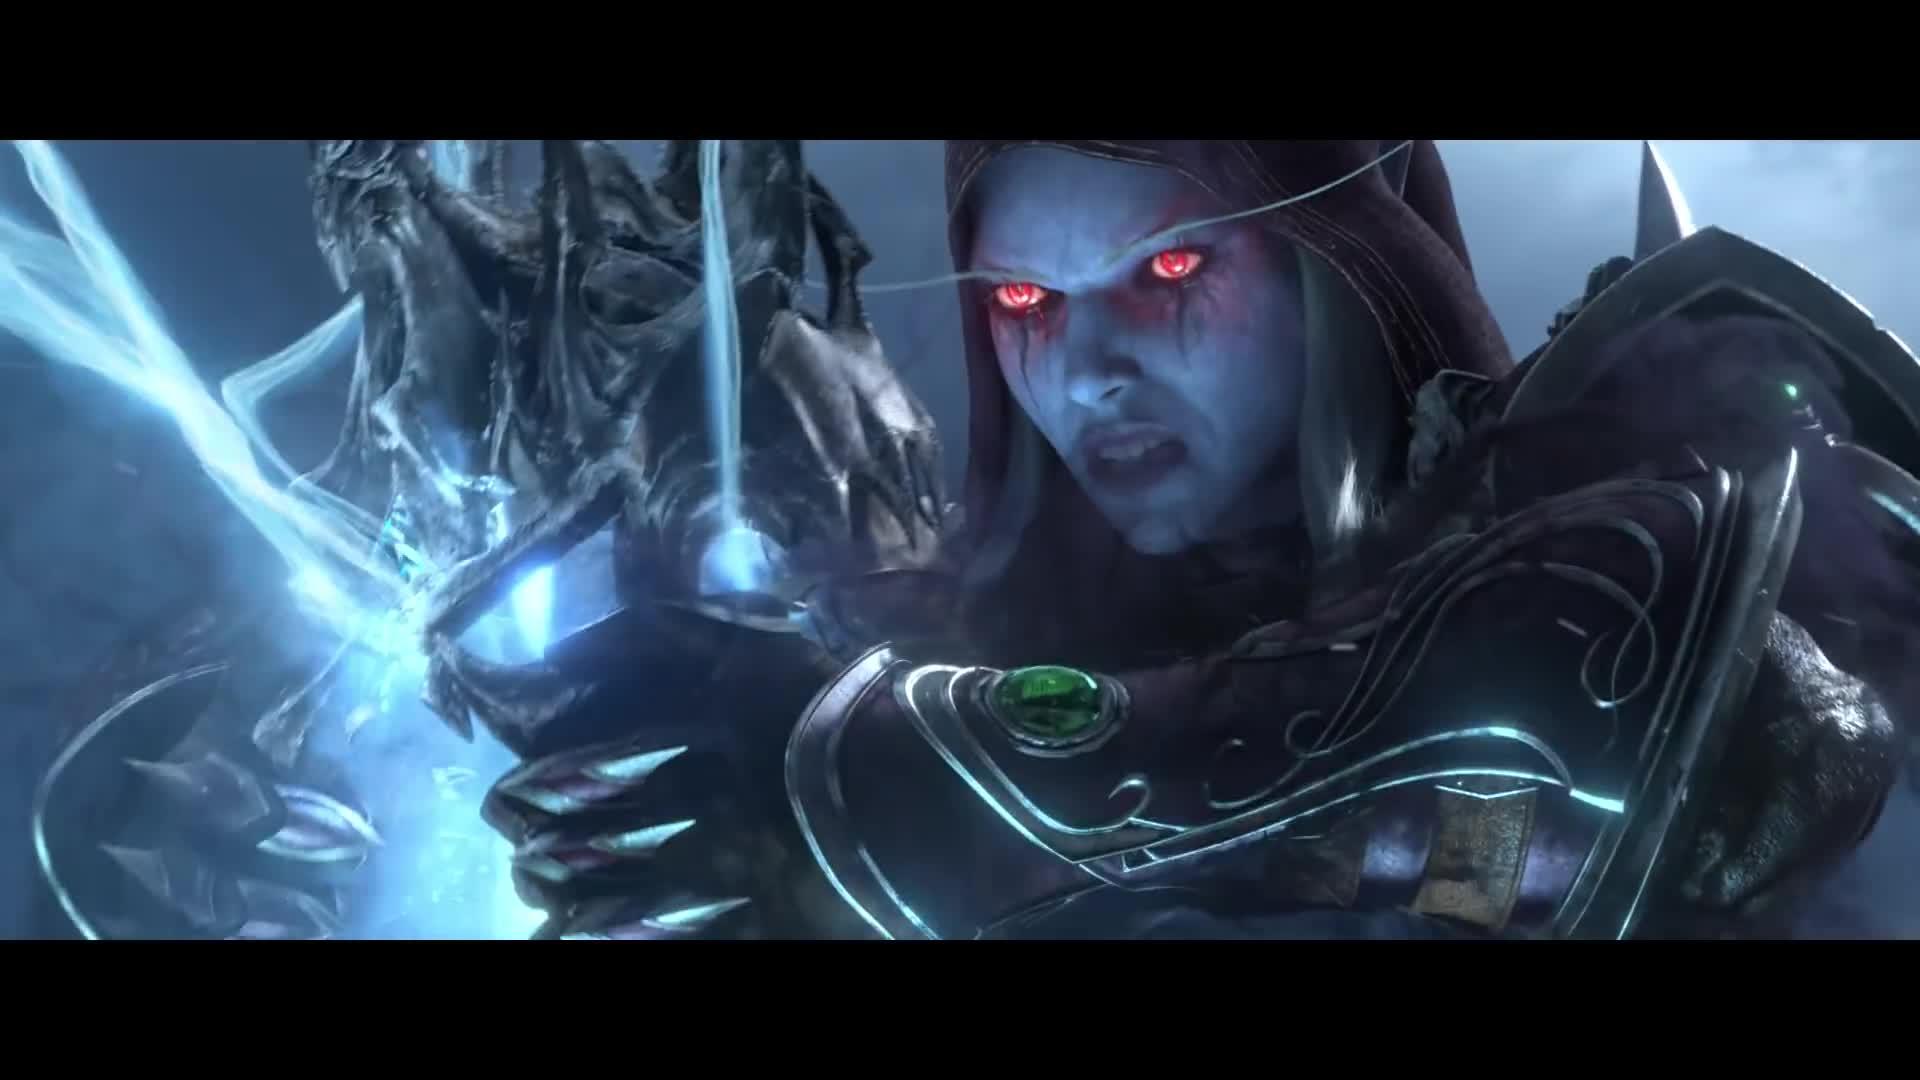 Trailer, Blizzard, Online-Spiele, Mmorpg, Mmo, Online-Rollenspiel, World of Warcraft, Blizzcon, Blizzcon 2019, Shadowlands, World of Warcraft: Shadowlands